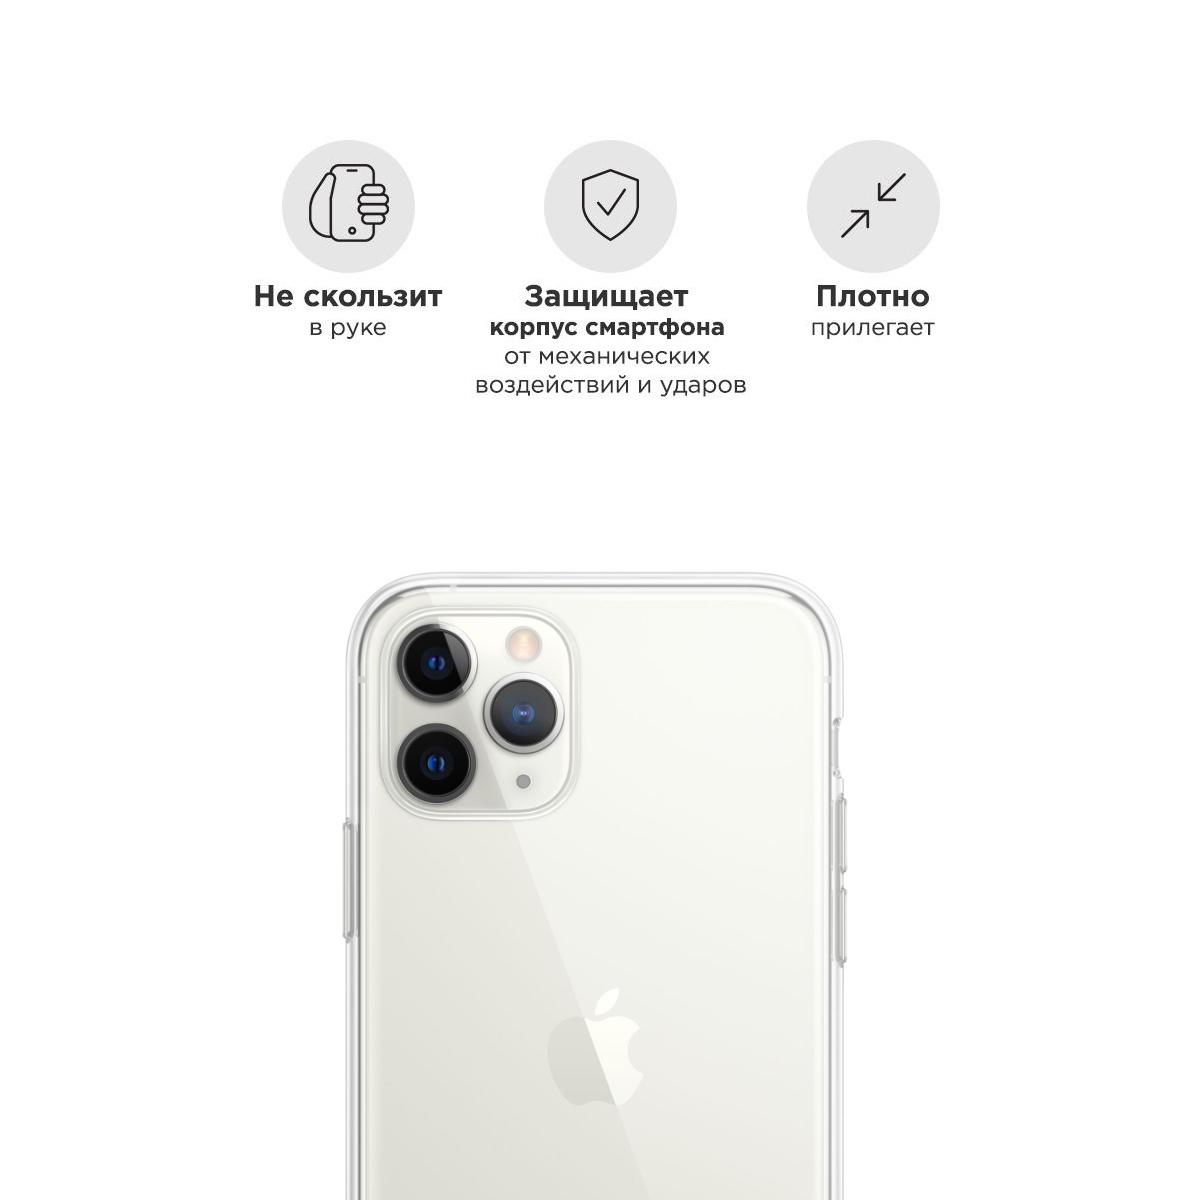 Прозрачный силиконовый чехол для iPhone 11 Pro Cat Woman/ Женщина кошка Блондинка для Айфон 11 Про